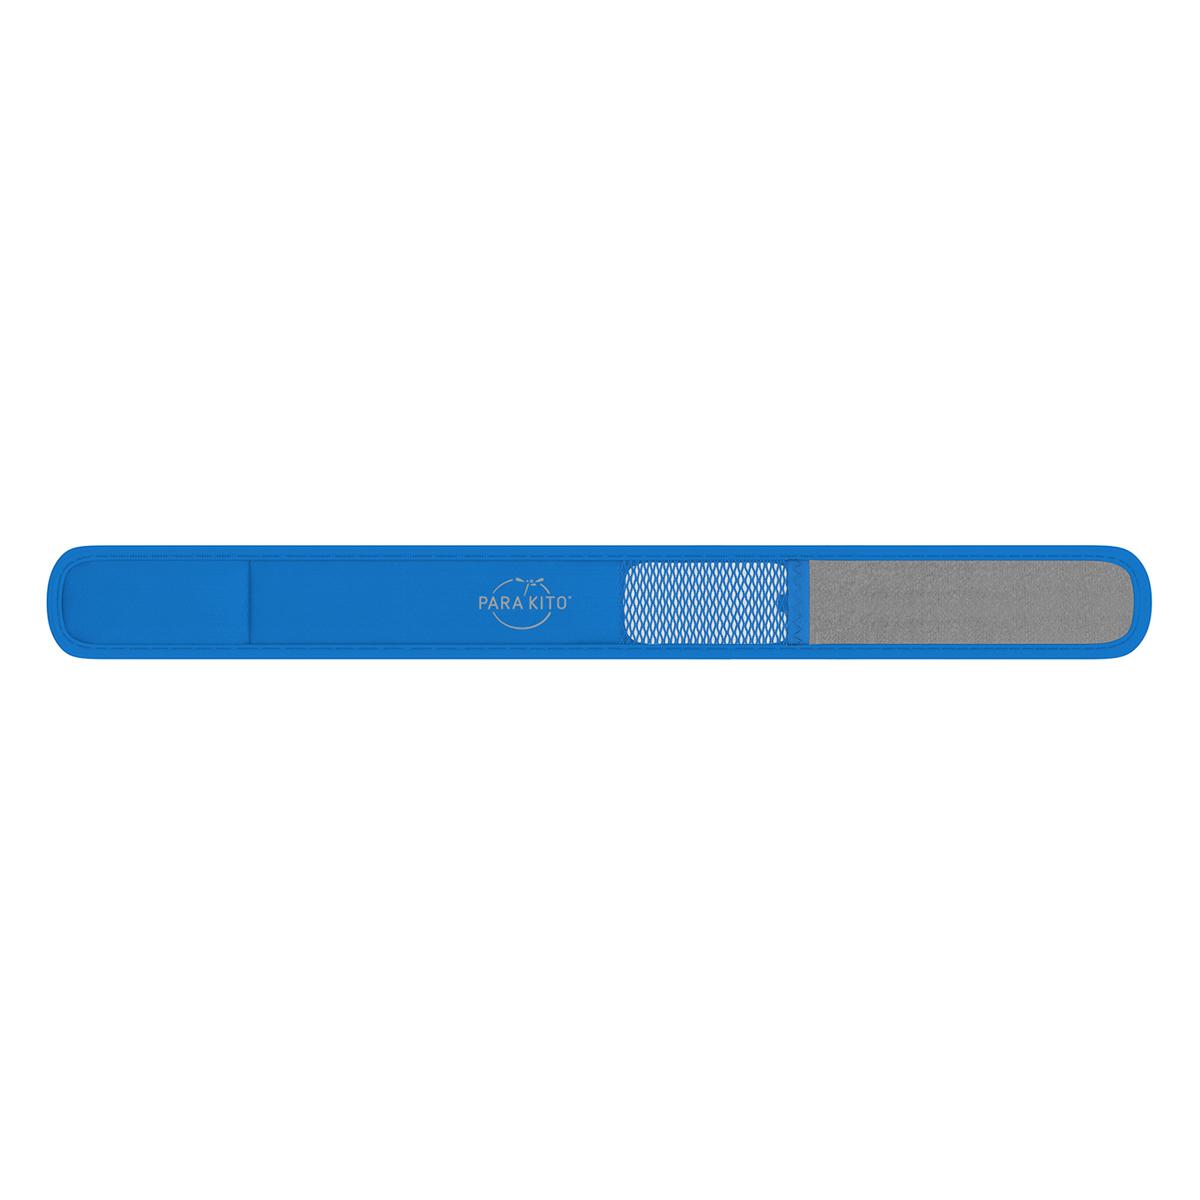 Viên Chống Muỗi PARA'KITO™ Kèm Vòng Đeo Tay Bằng Vải Màu Xanh Dương (Loại 2 Viên) - PARA'KITO™ Mosquito Repellent Blue Band With 2 Tablets - PCWB03